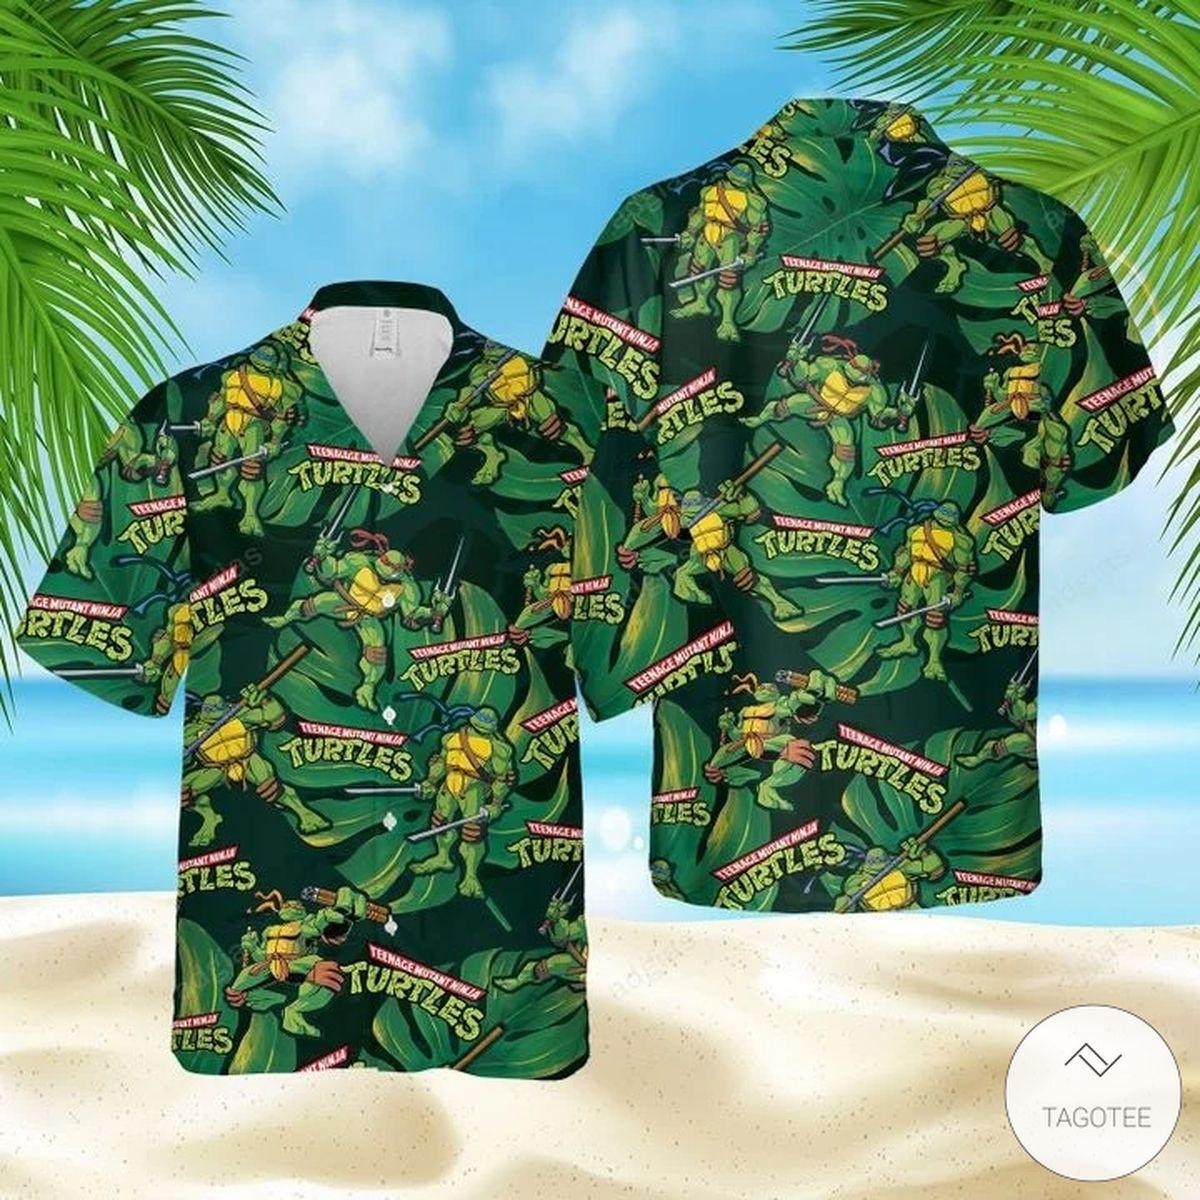 Teenage Mutant Ninja Turtles Hawaiian Shirt, Beach Shorts